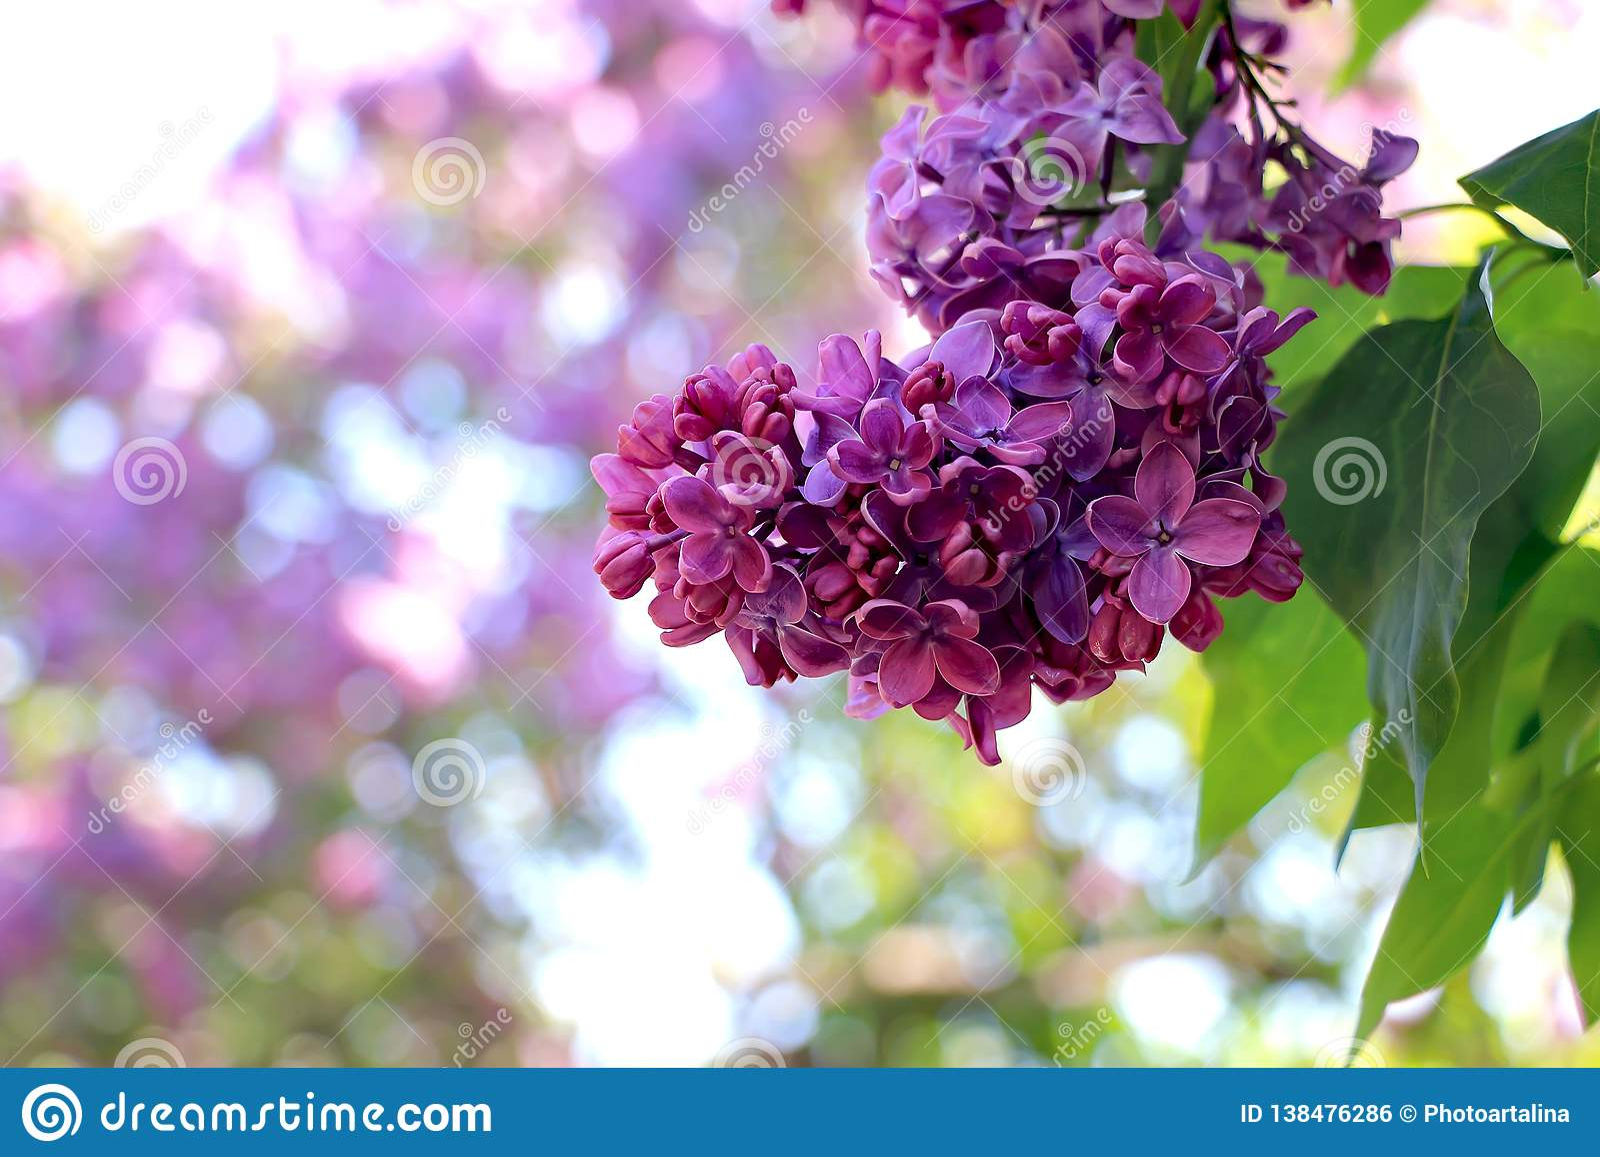 Fleurs Lilas Dans Le Jardin Début Mai Photo stock - Image du zone ...